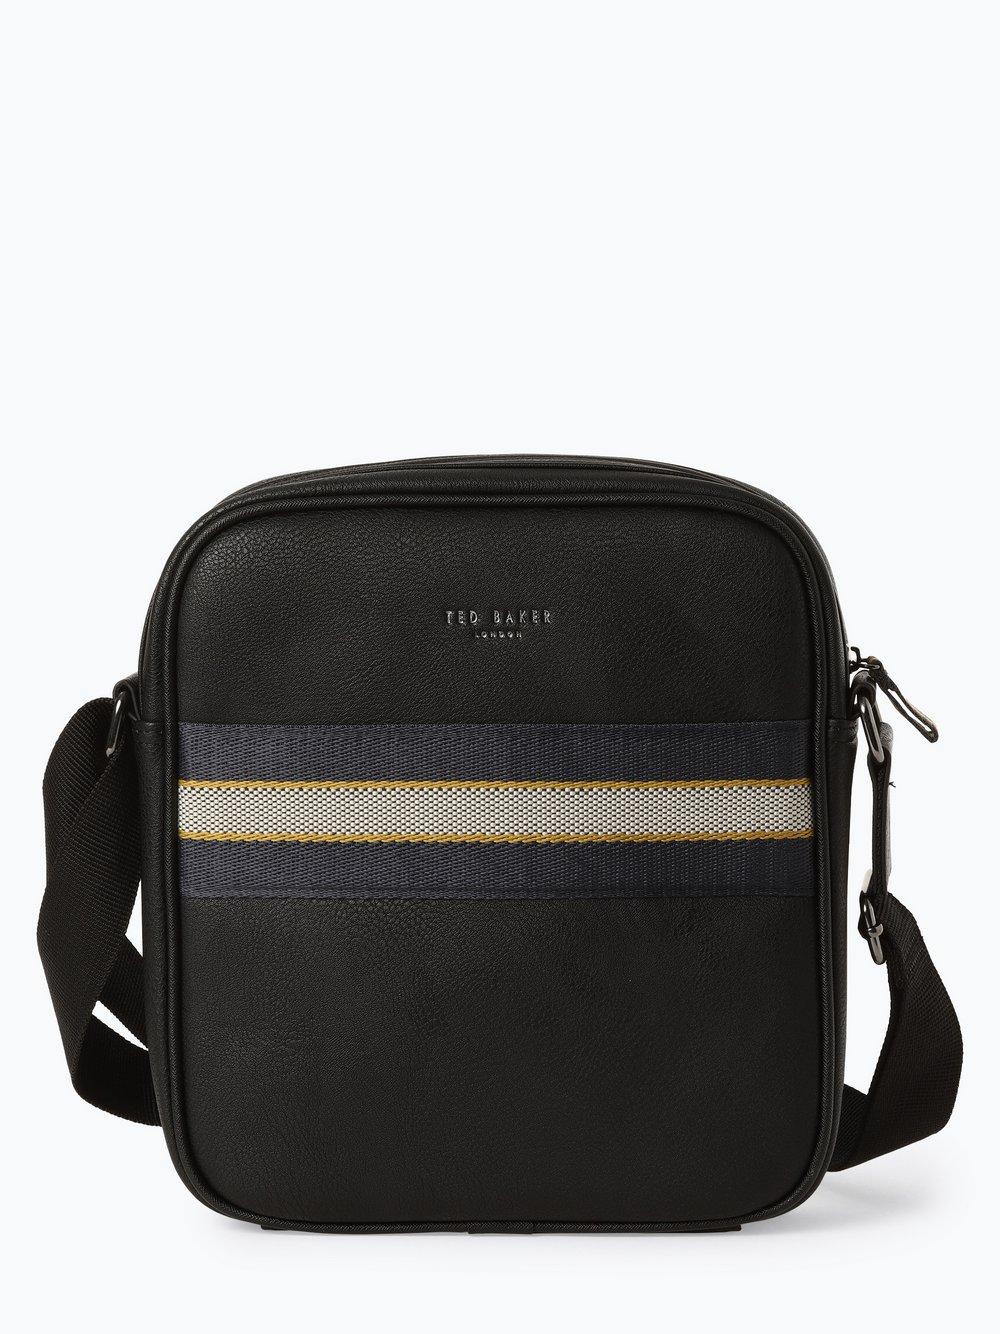 Ted Baker – Męska torebka na ramię, czarny Van Graaf 436020-0001